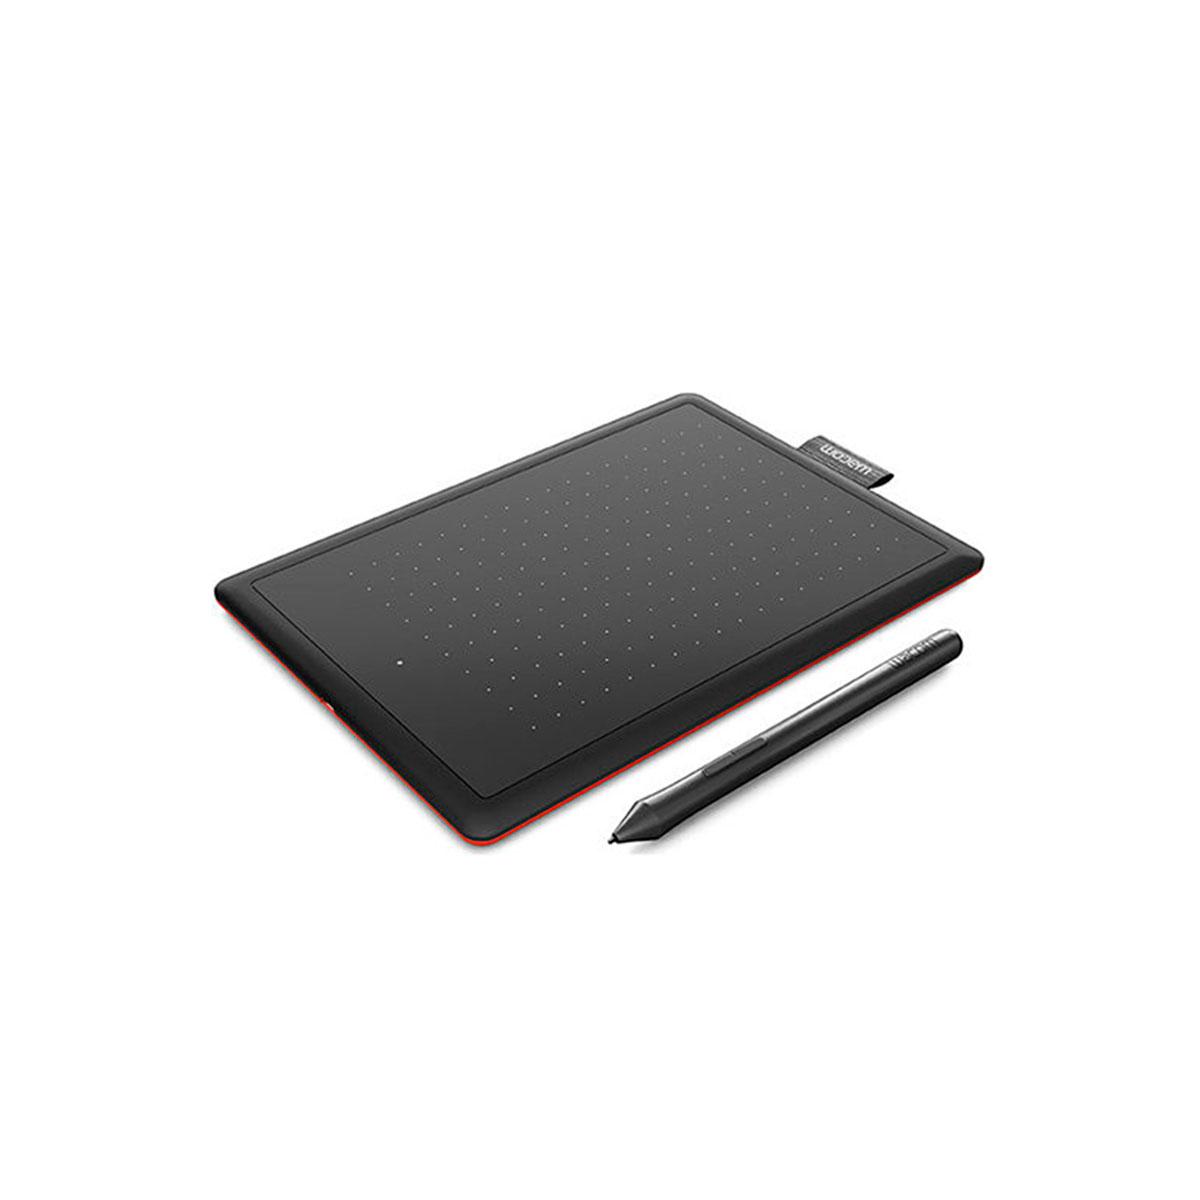 CTL472 WACOM                                                          TABLETA ONE SMALL (210 X 146 X 8.7 MM) 2540 LPI USB